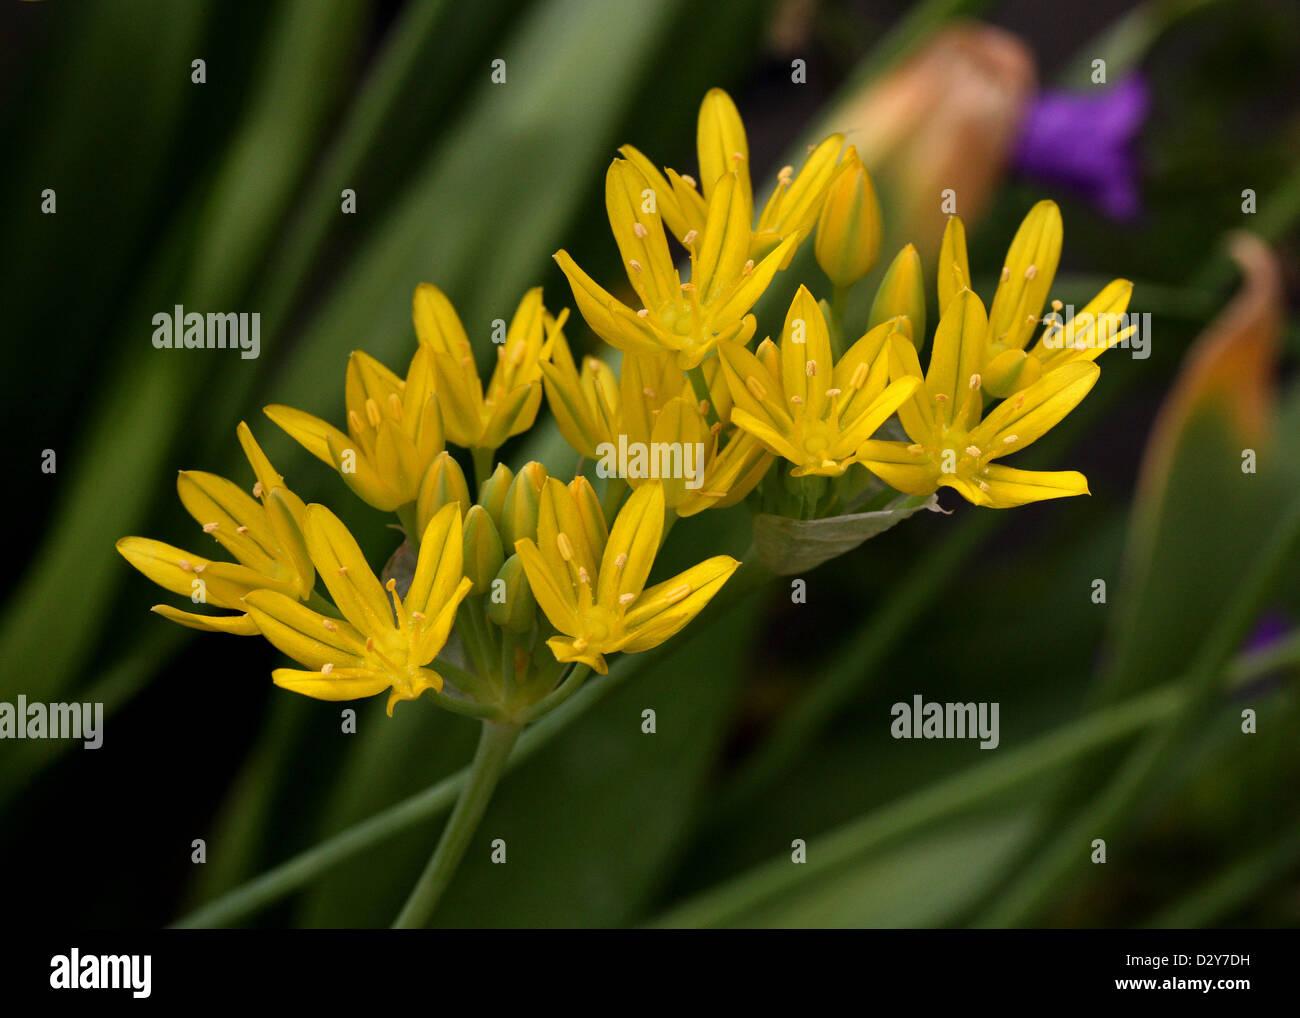 Allium Moly Yellow Stock Photos Allium Moly Yellow Stock Images